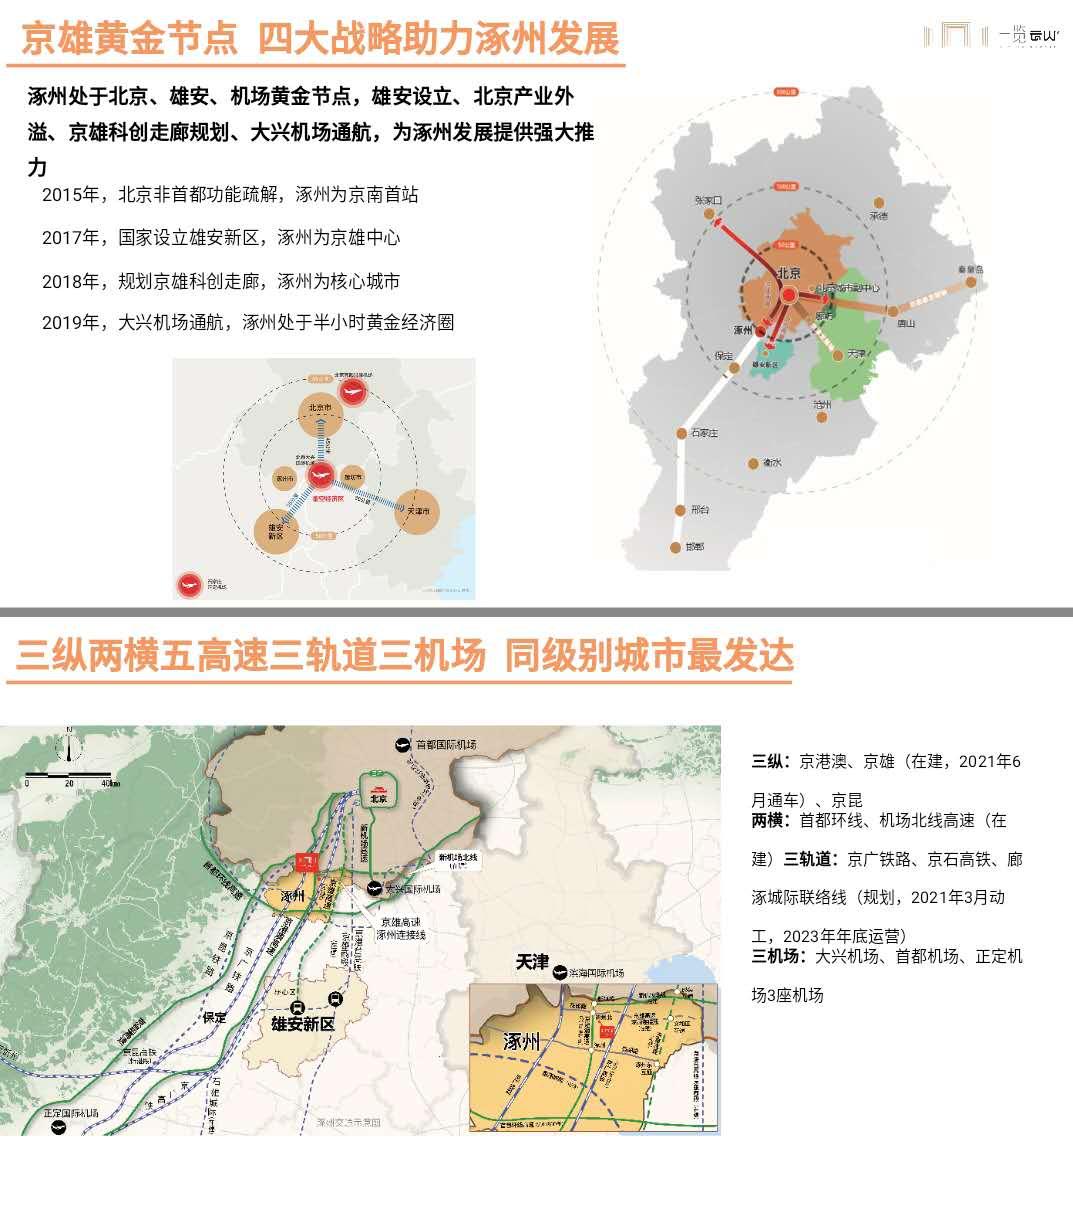 涿州浪潮一览云山楼盘交通优势分析图